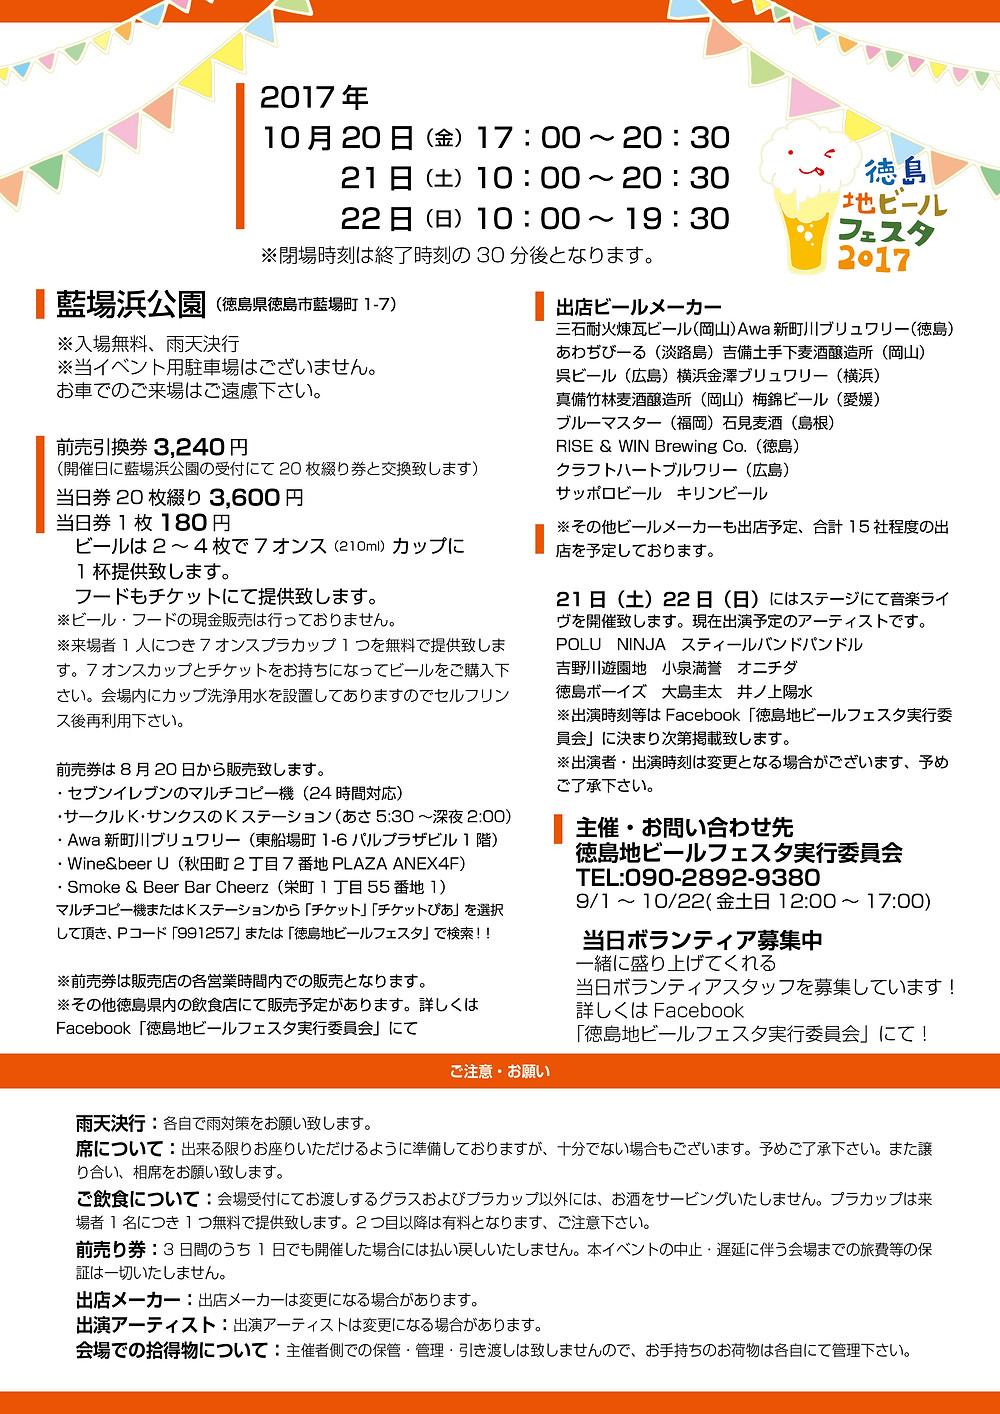 徳島地ビールフェスタ2017